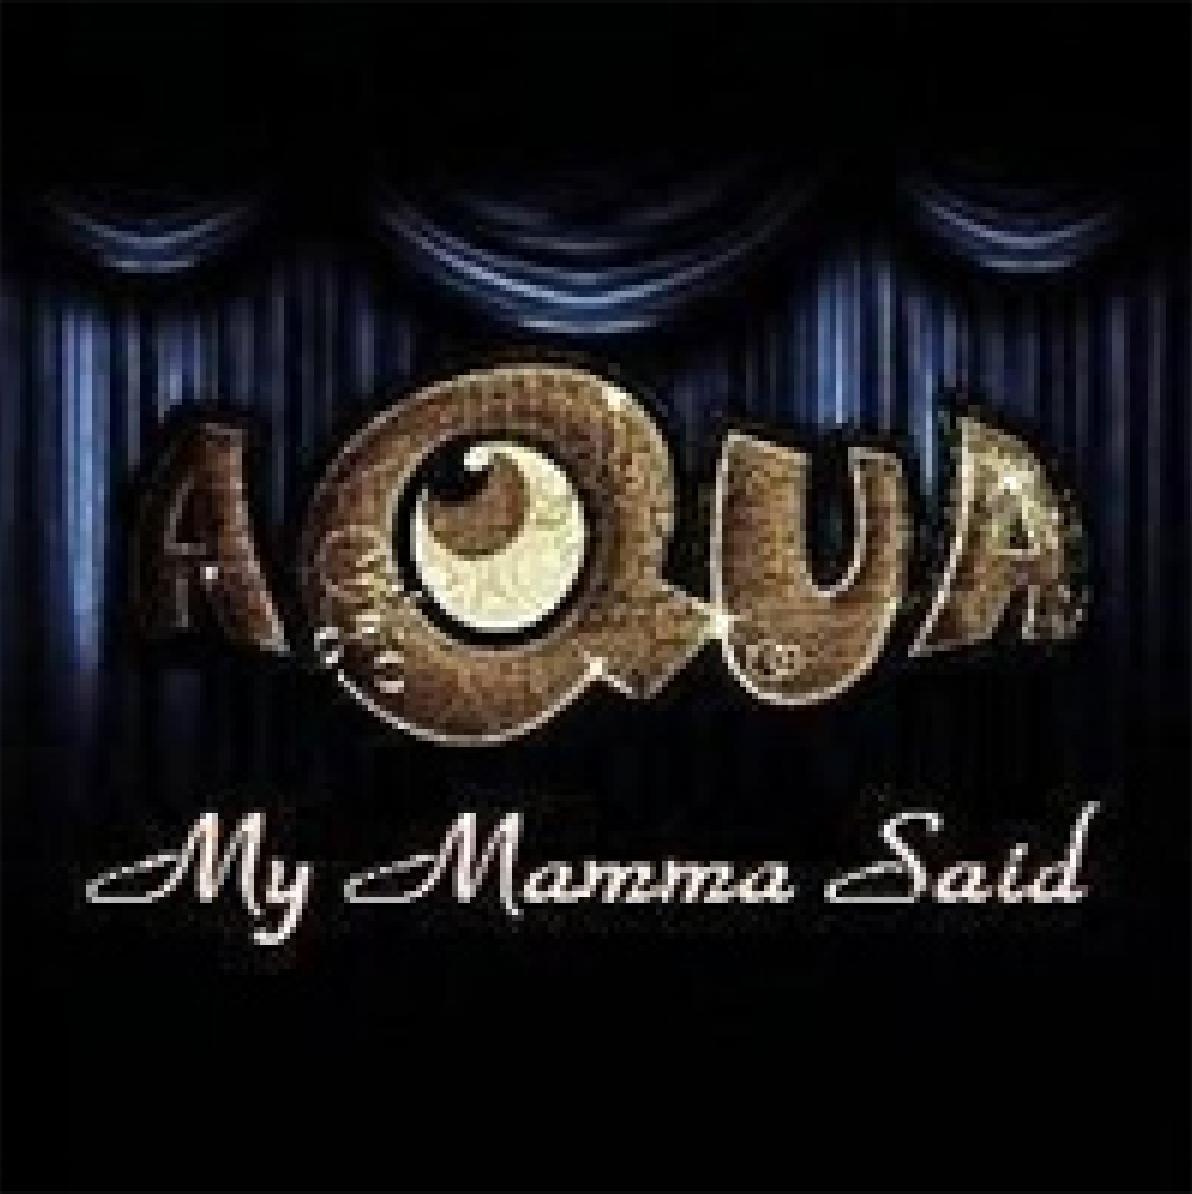 دانلود زیرنویس فارسی فیلم Aqua: My Mamma Said